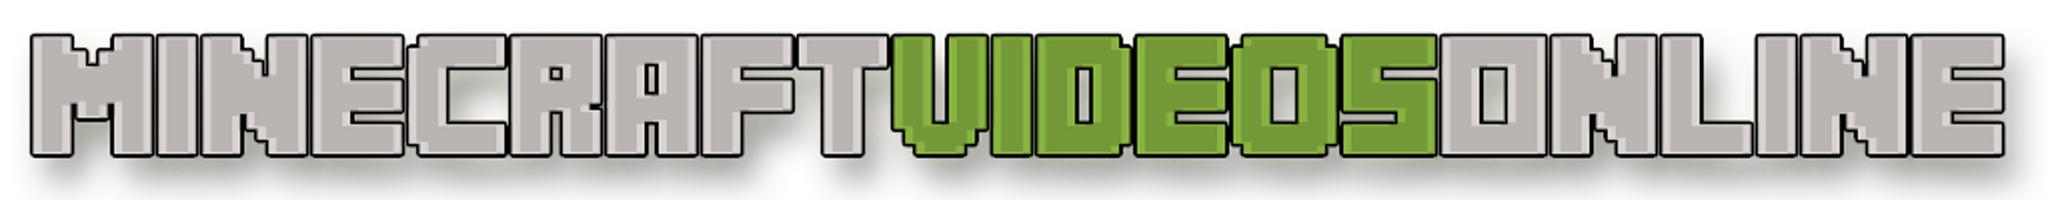 Minecraft Videos Online